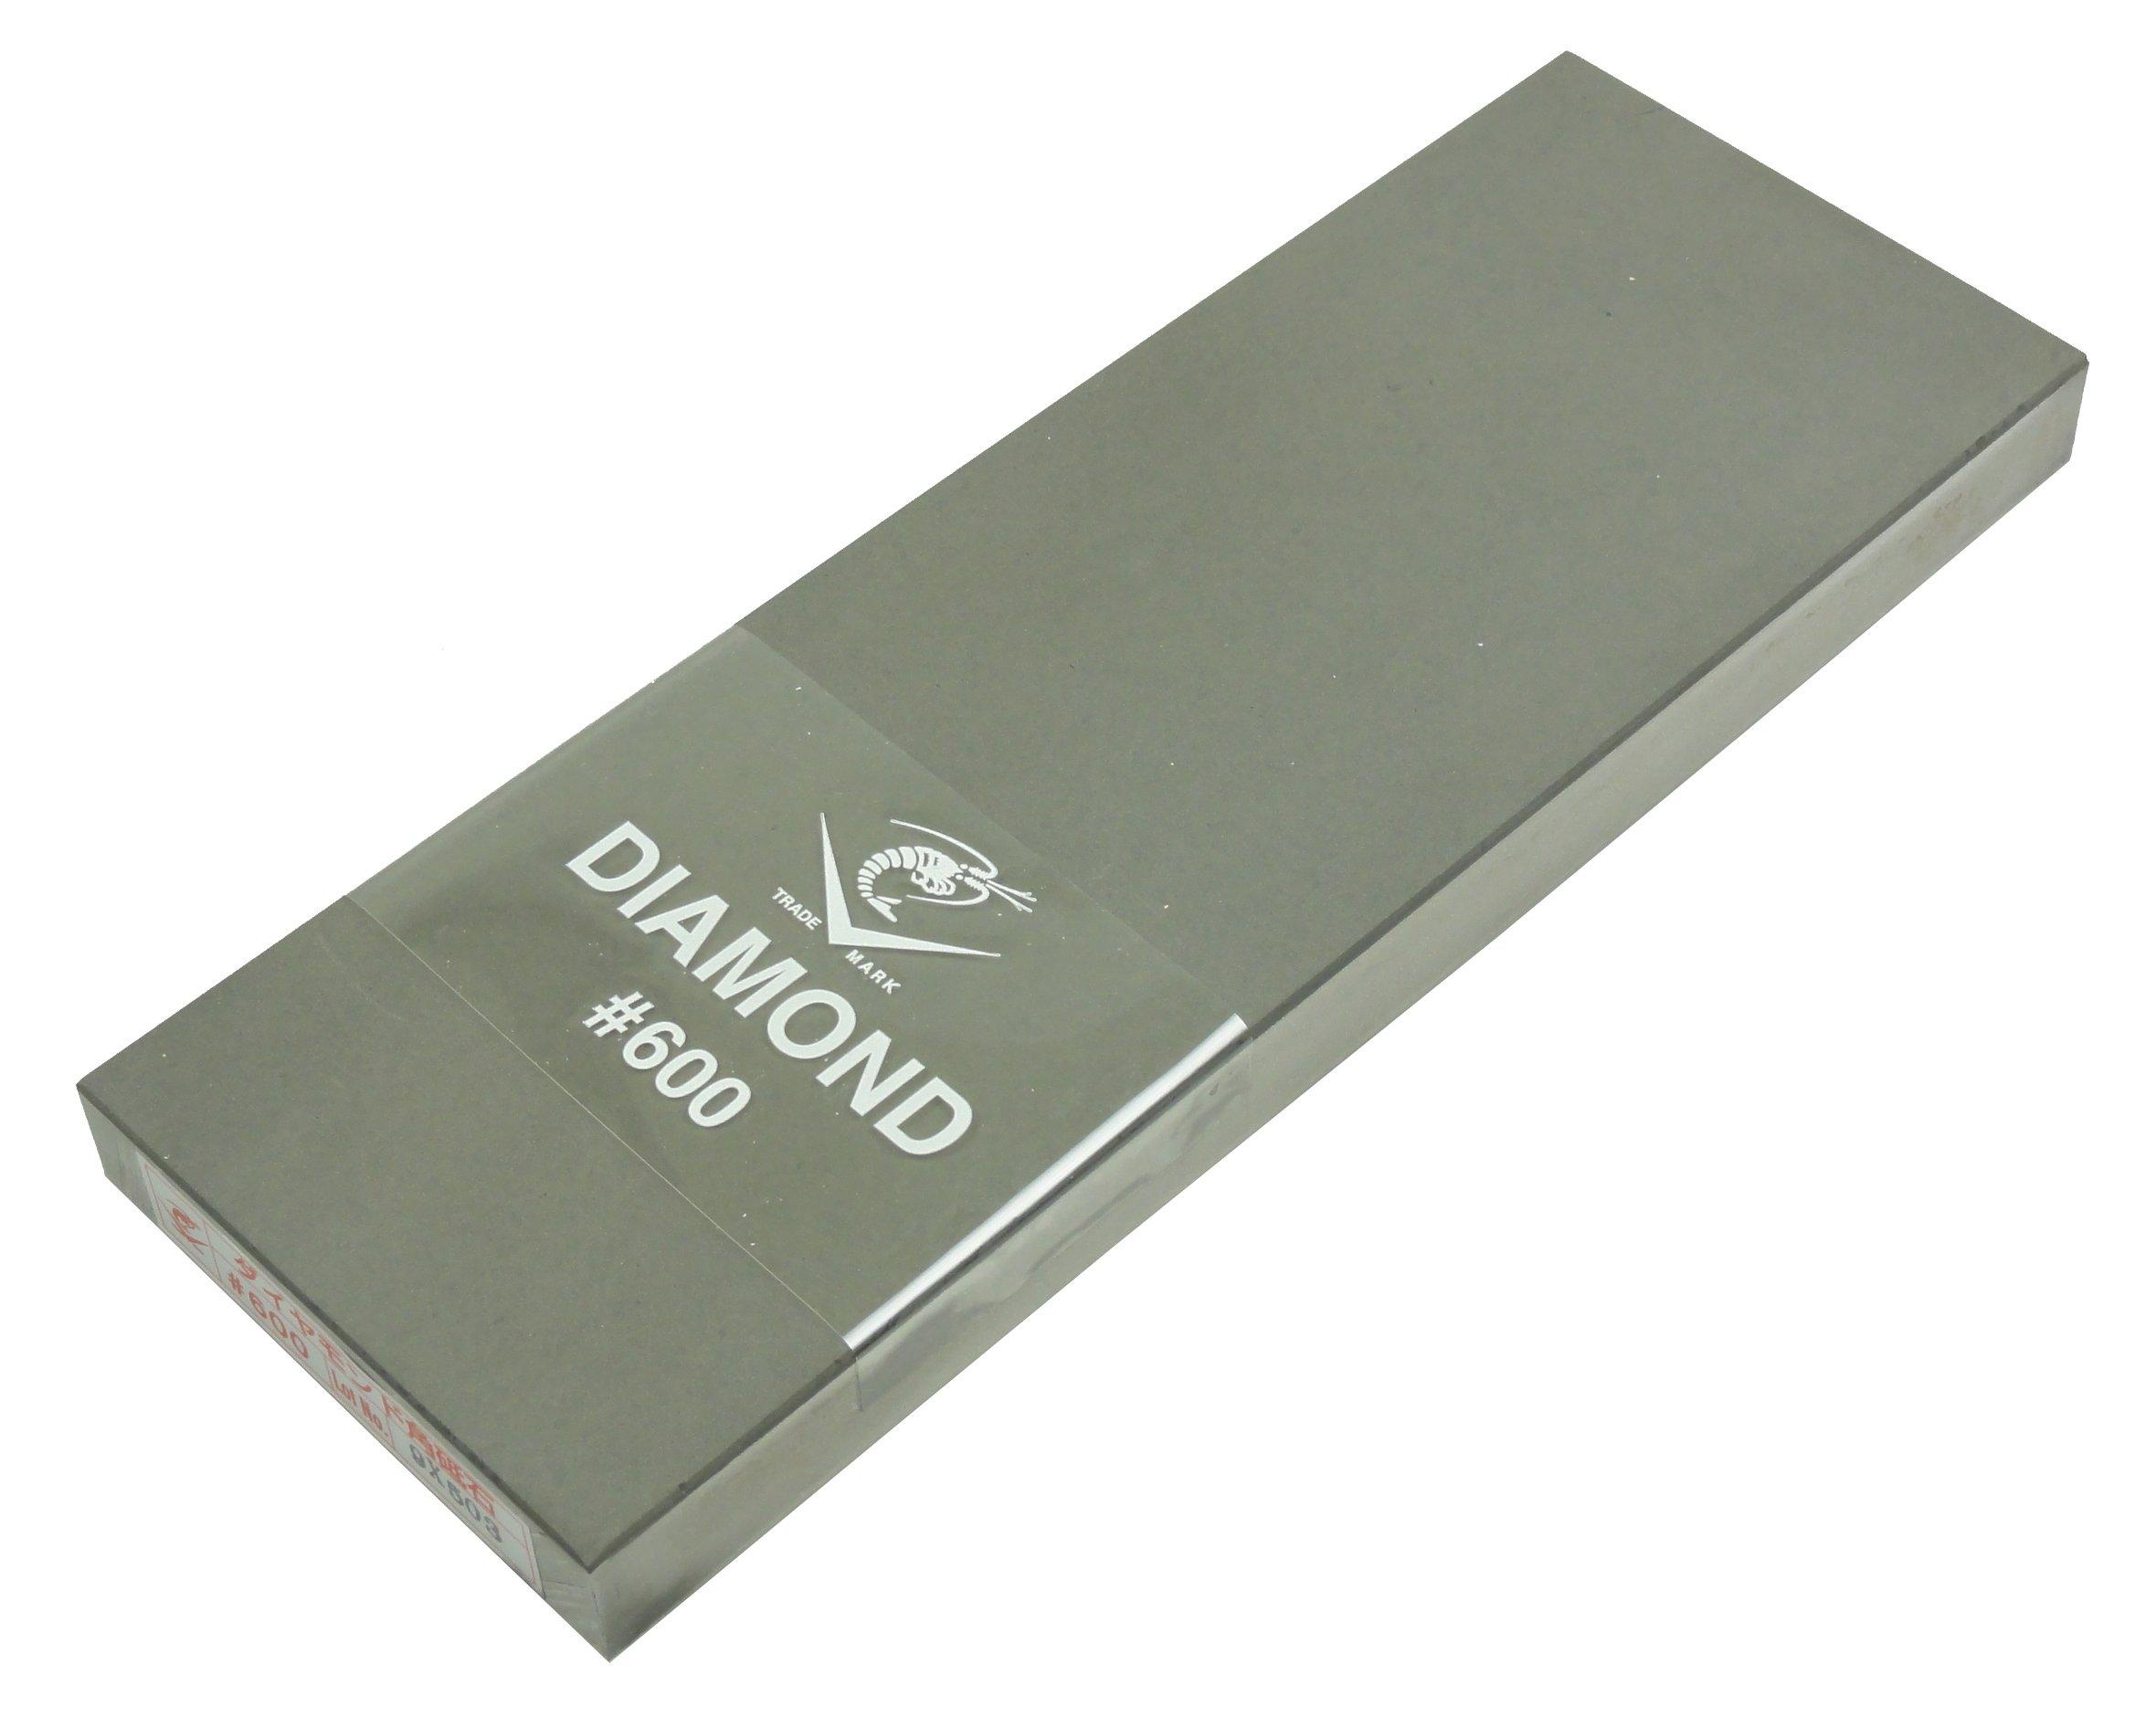 Naniwa Diamond Whetstone Grit #600 DR-7506